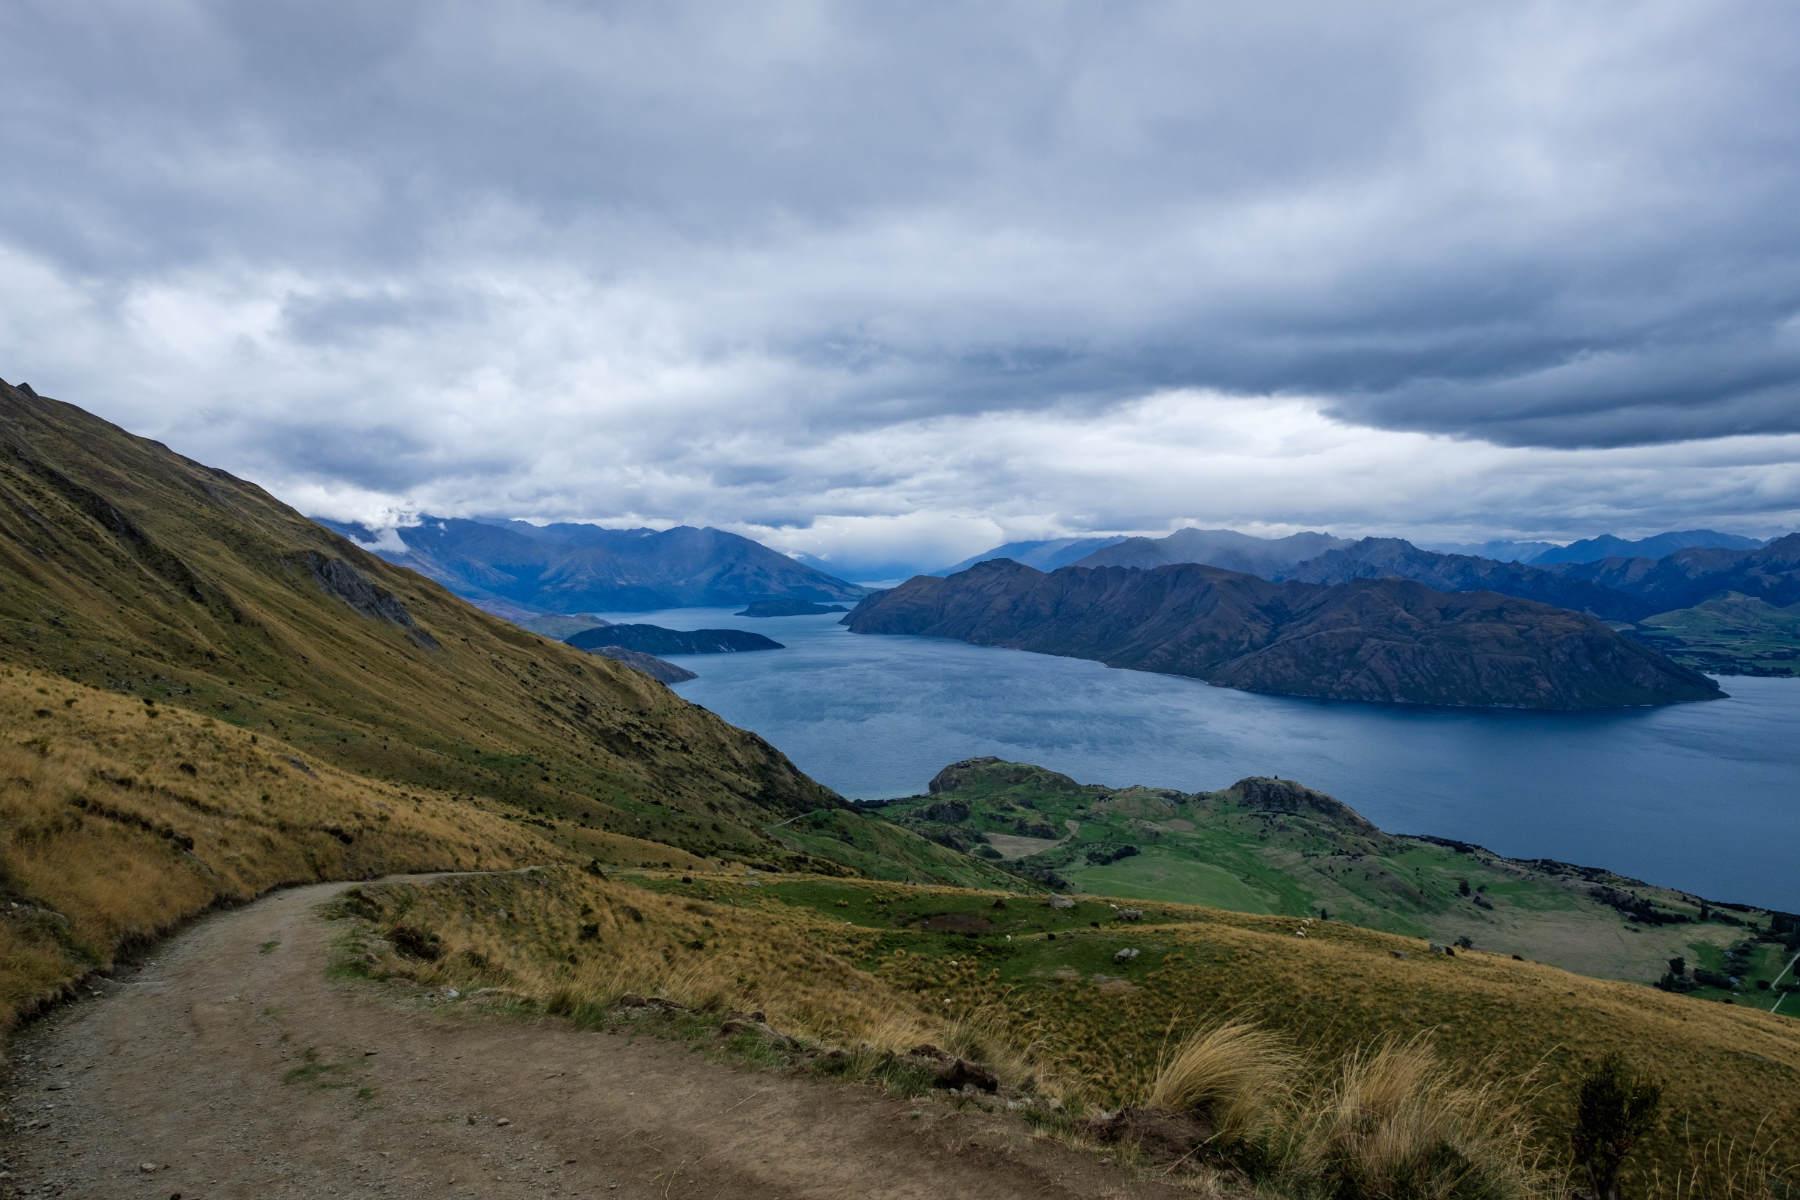 Lake Wanaka from Roys Peak New Zealand